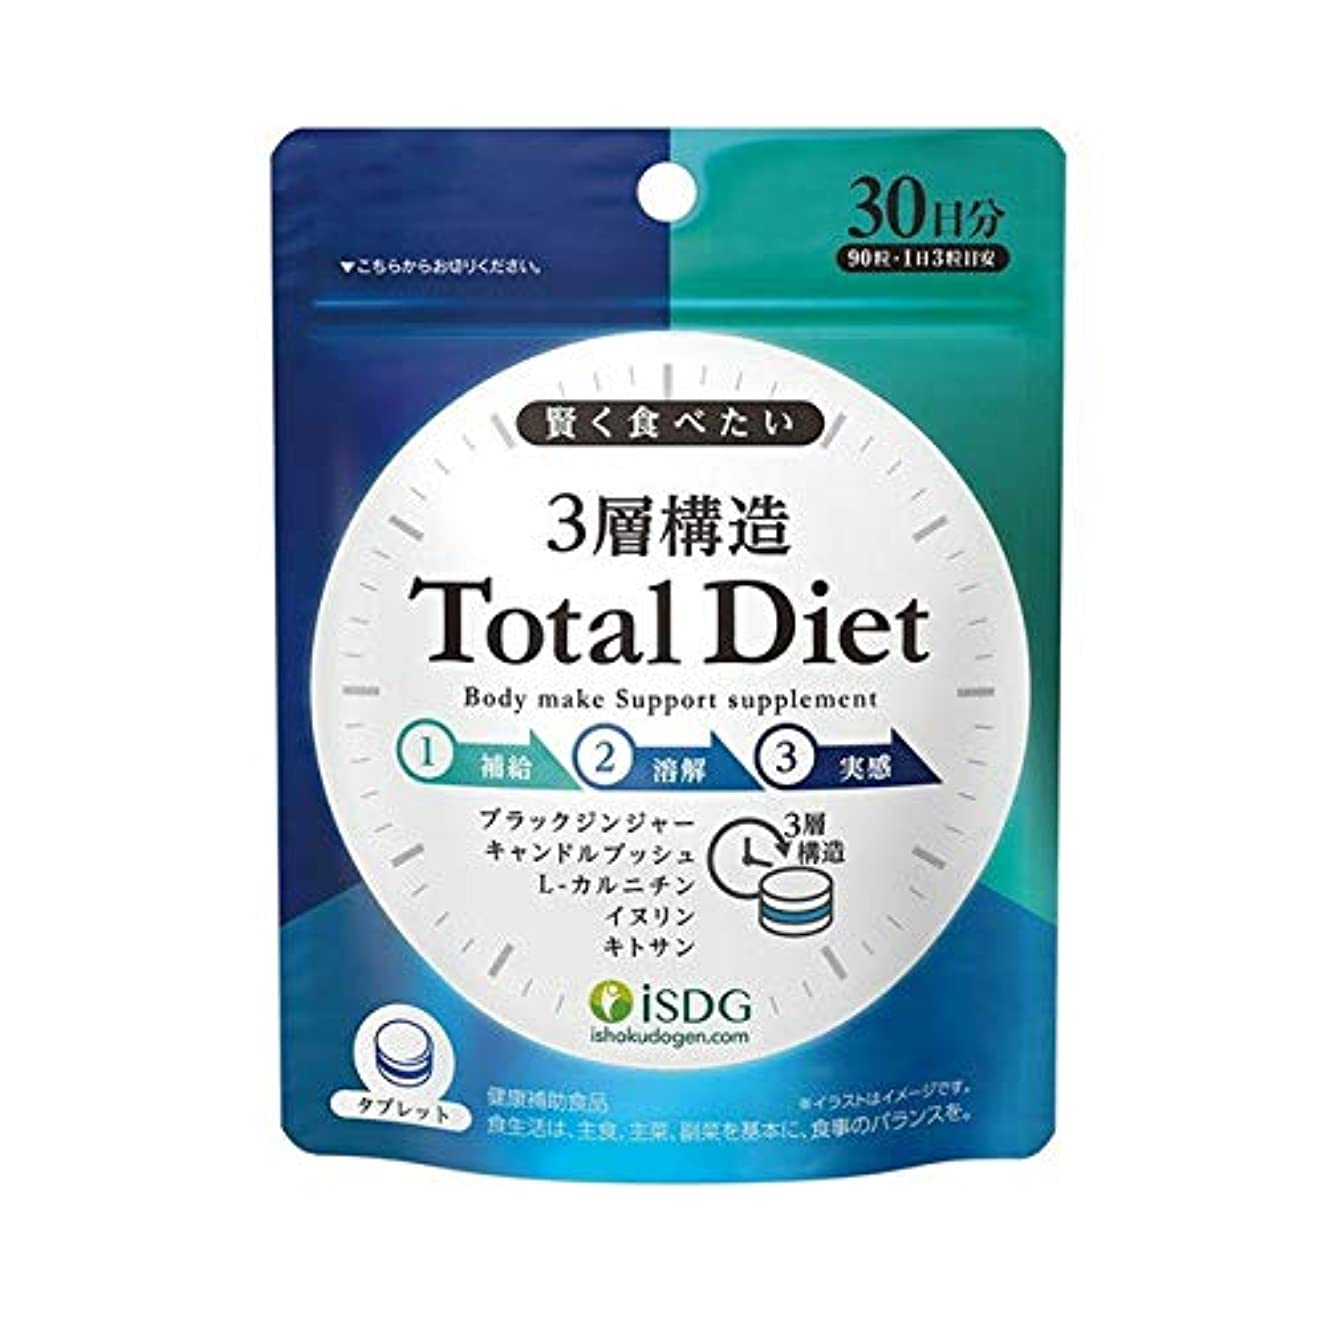 立ち向かうファイル禁止する医食同源ドットコム ISDG 3層構造 Total Diet 90粒入 トータル ダイエット×3個セット